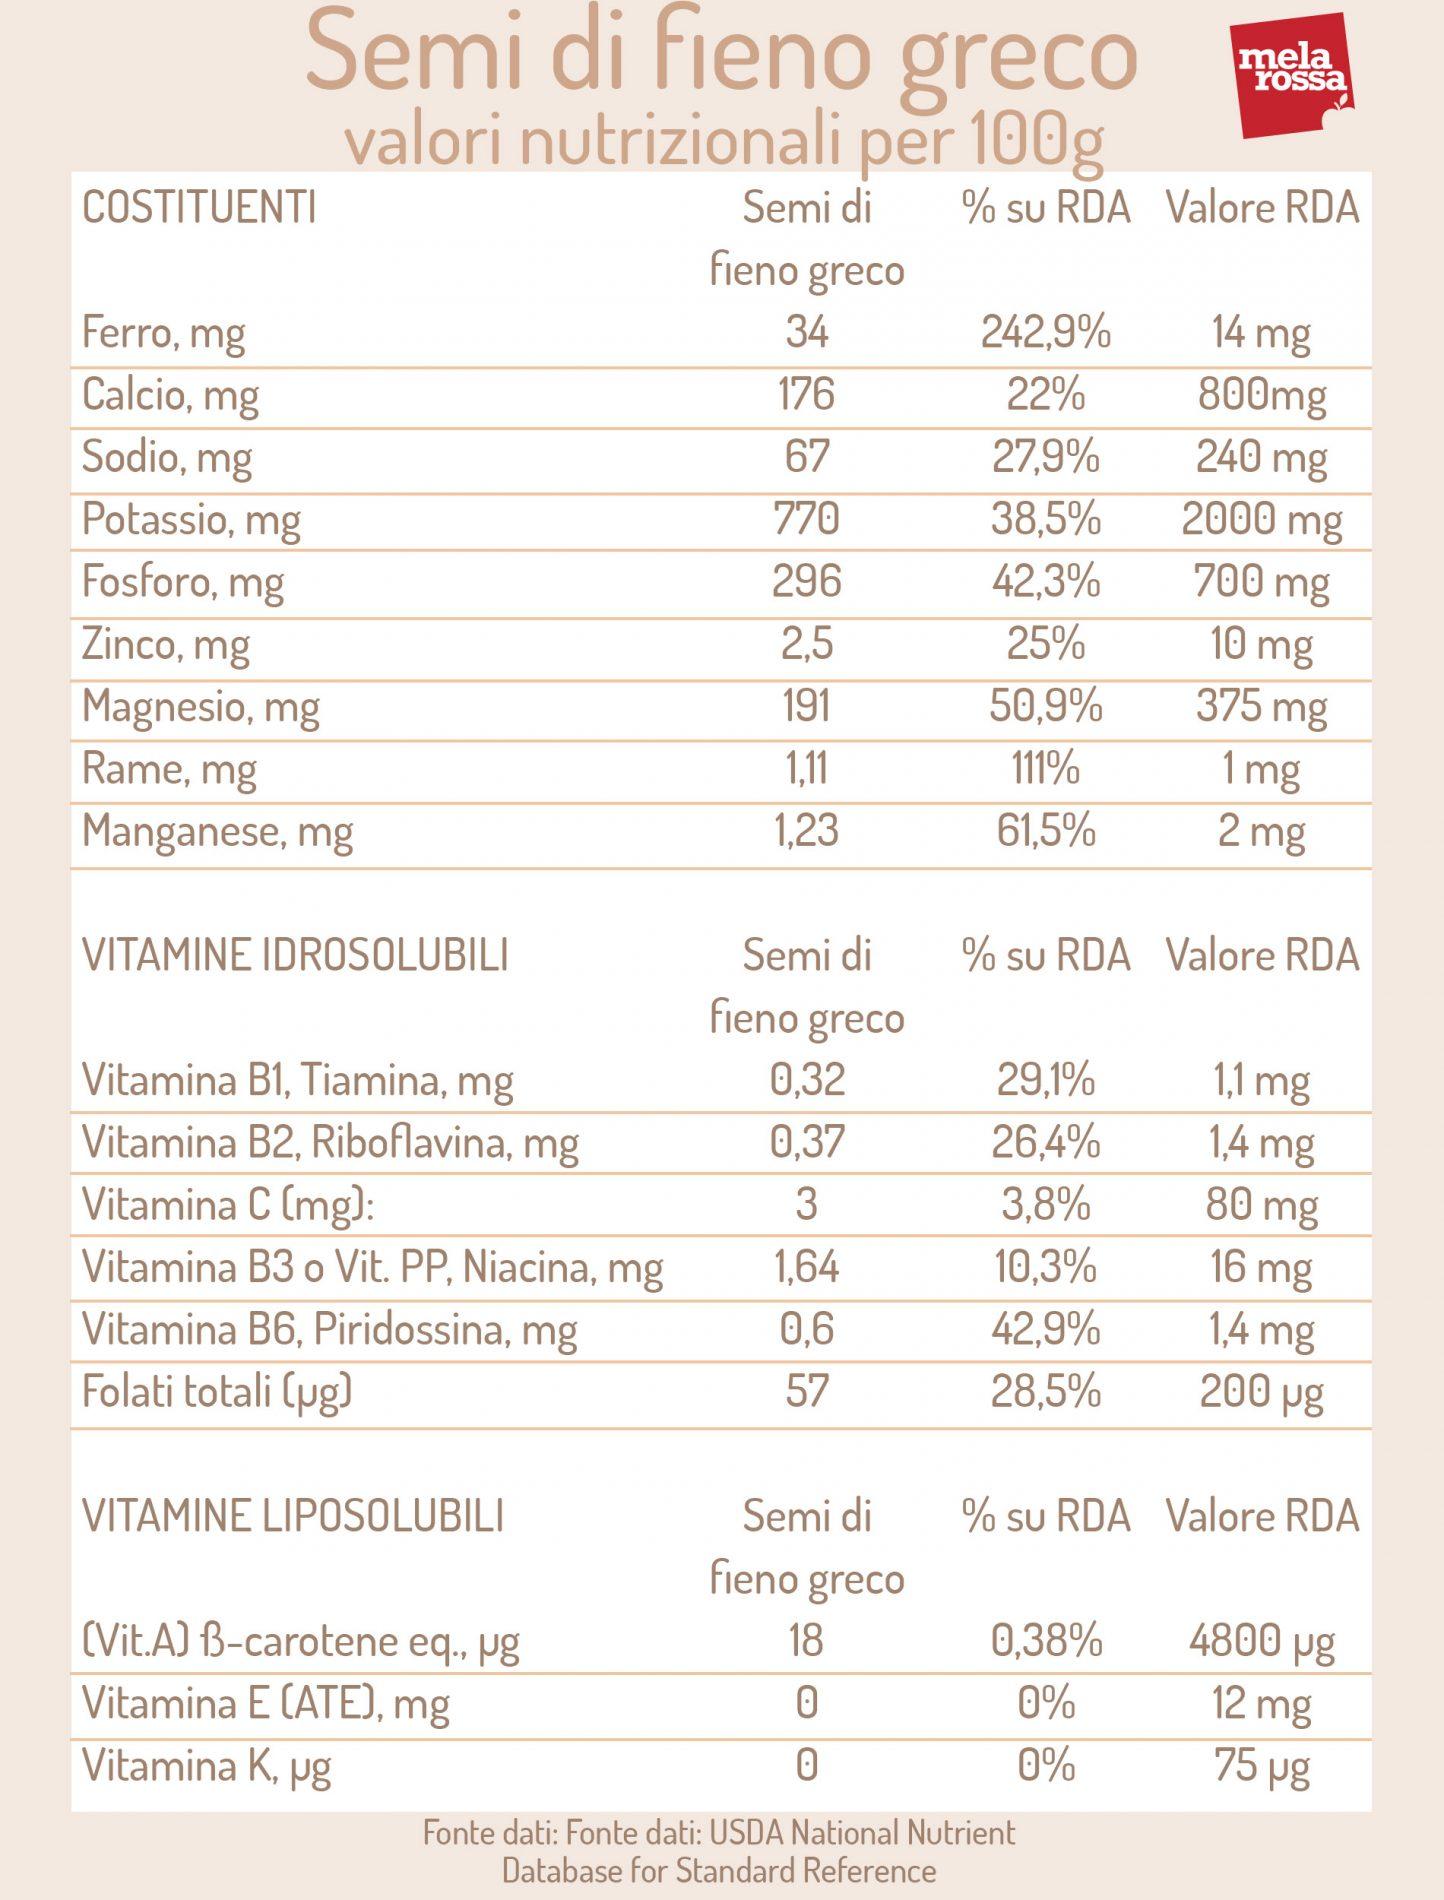 semi di fieno greco: valori nutrizionali